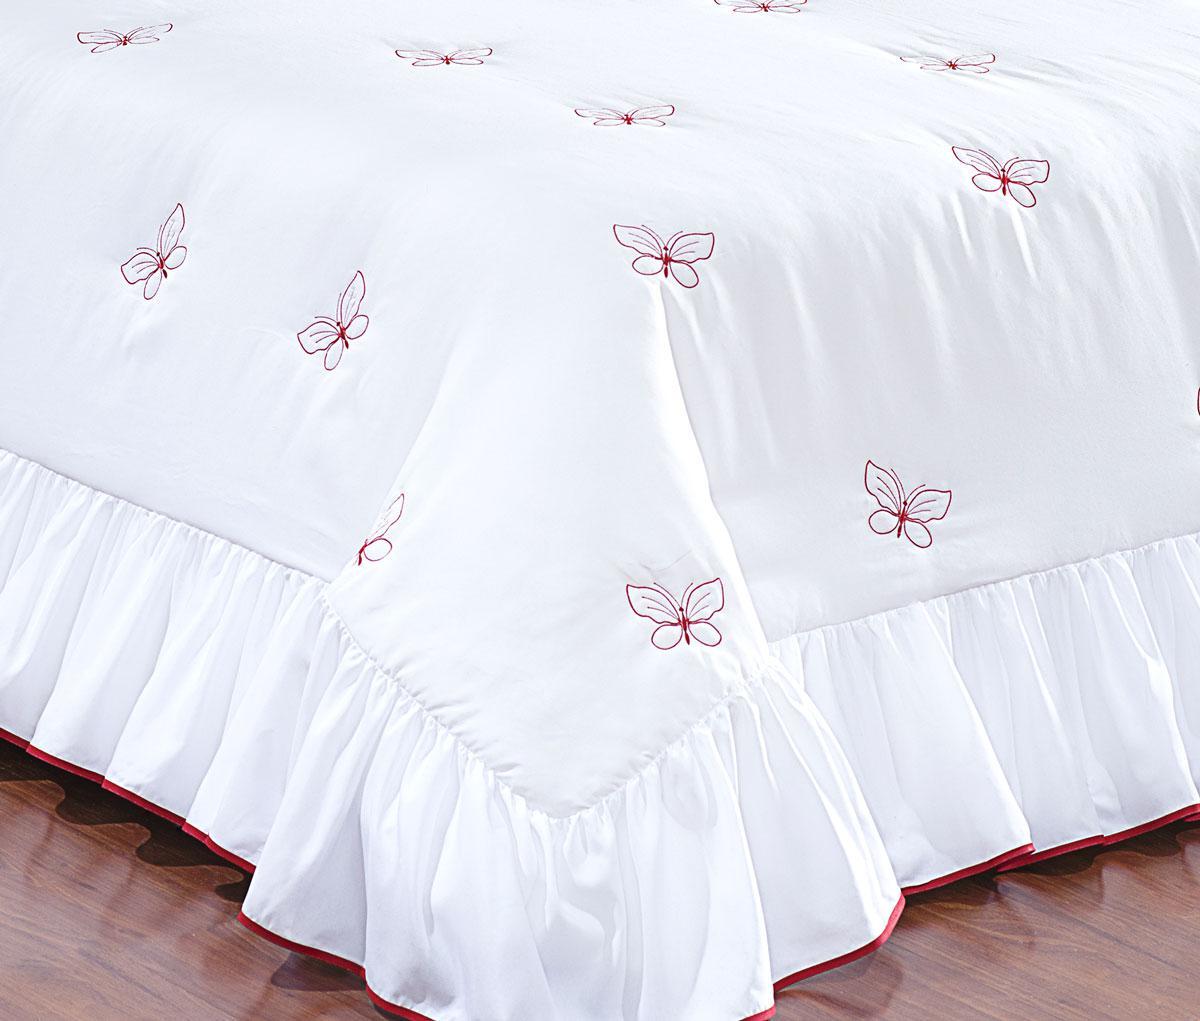 65fd211b1d Colcha Casal Queen Coleção Borboletas Bordado Kit com 05 Peças - Branco    Vermelho - Borda bordados enxovais R  134